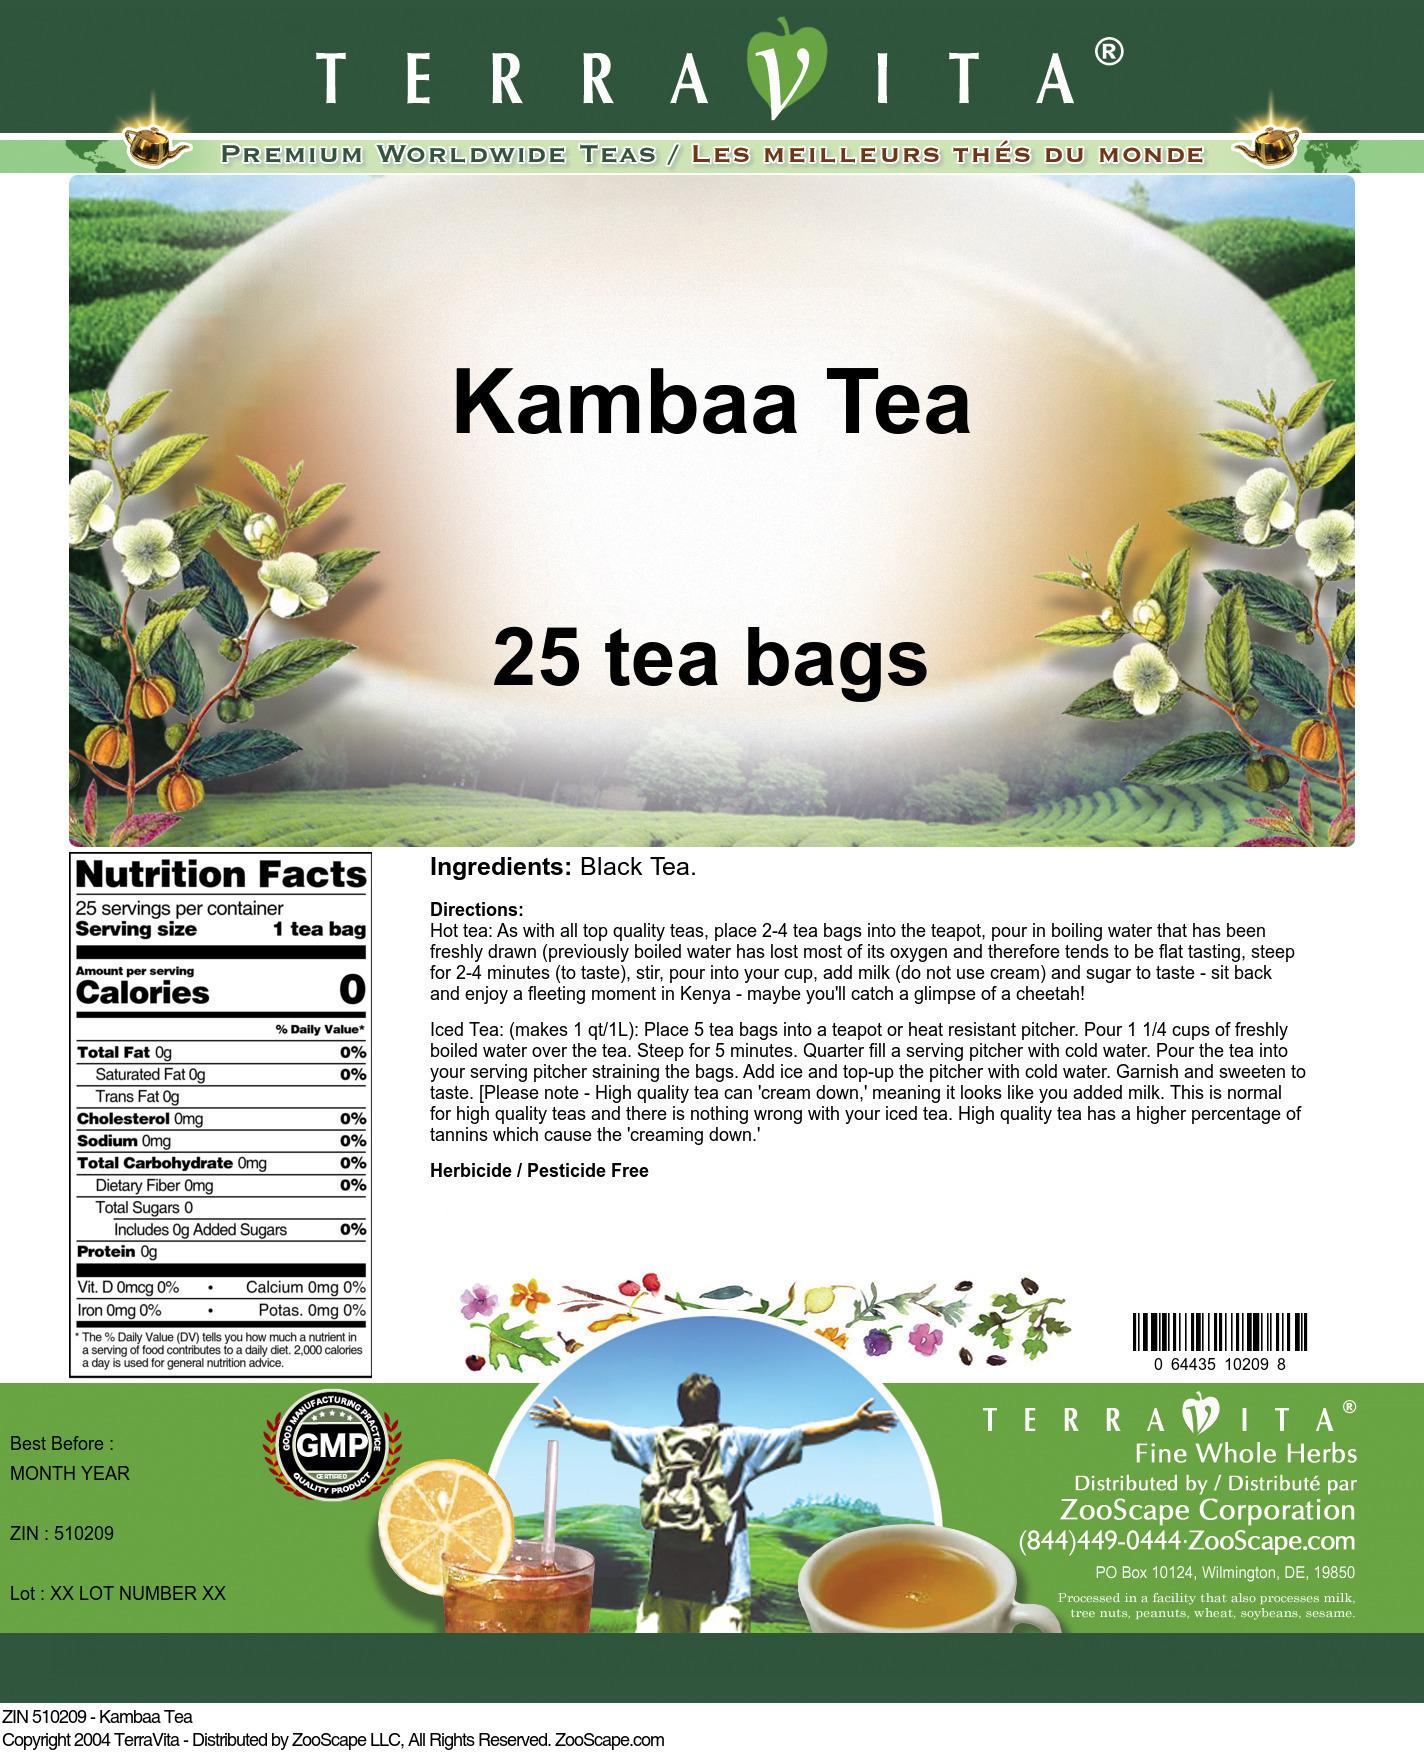 Kambaa Tea